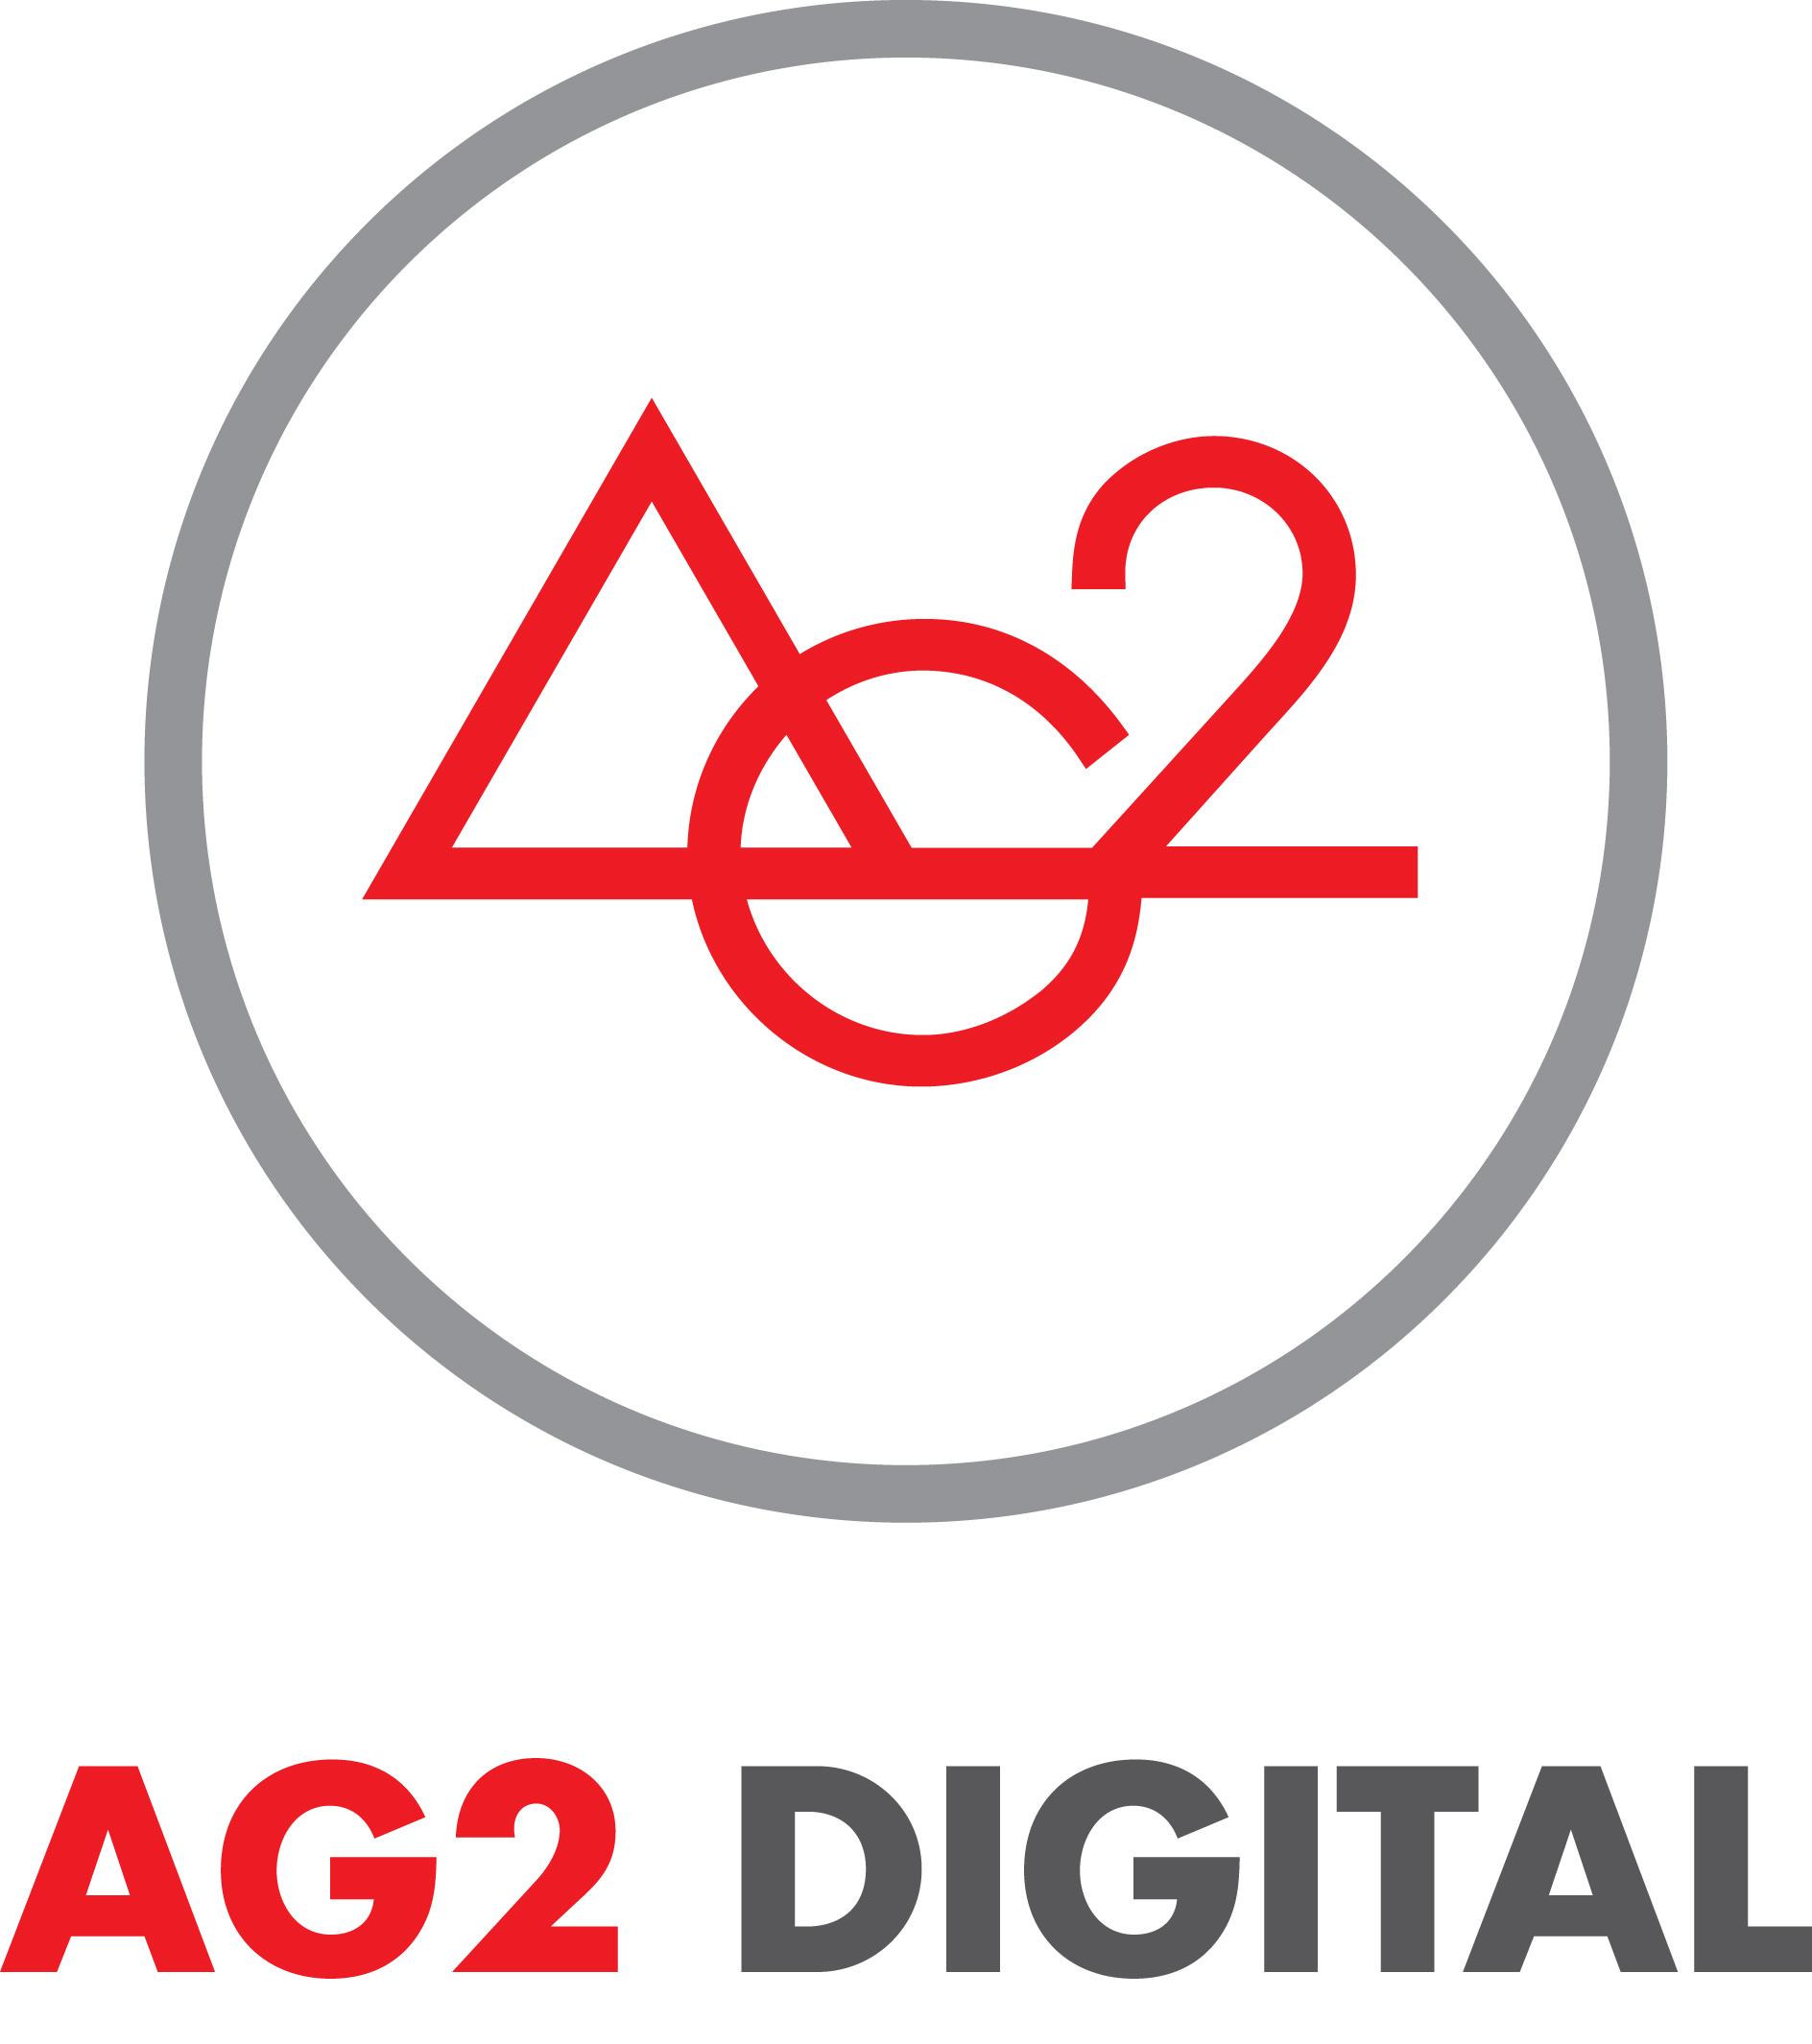 AG2-DIGITAL-LOGO-NGLCC.jpg